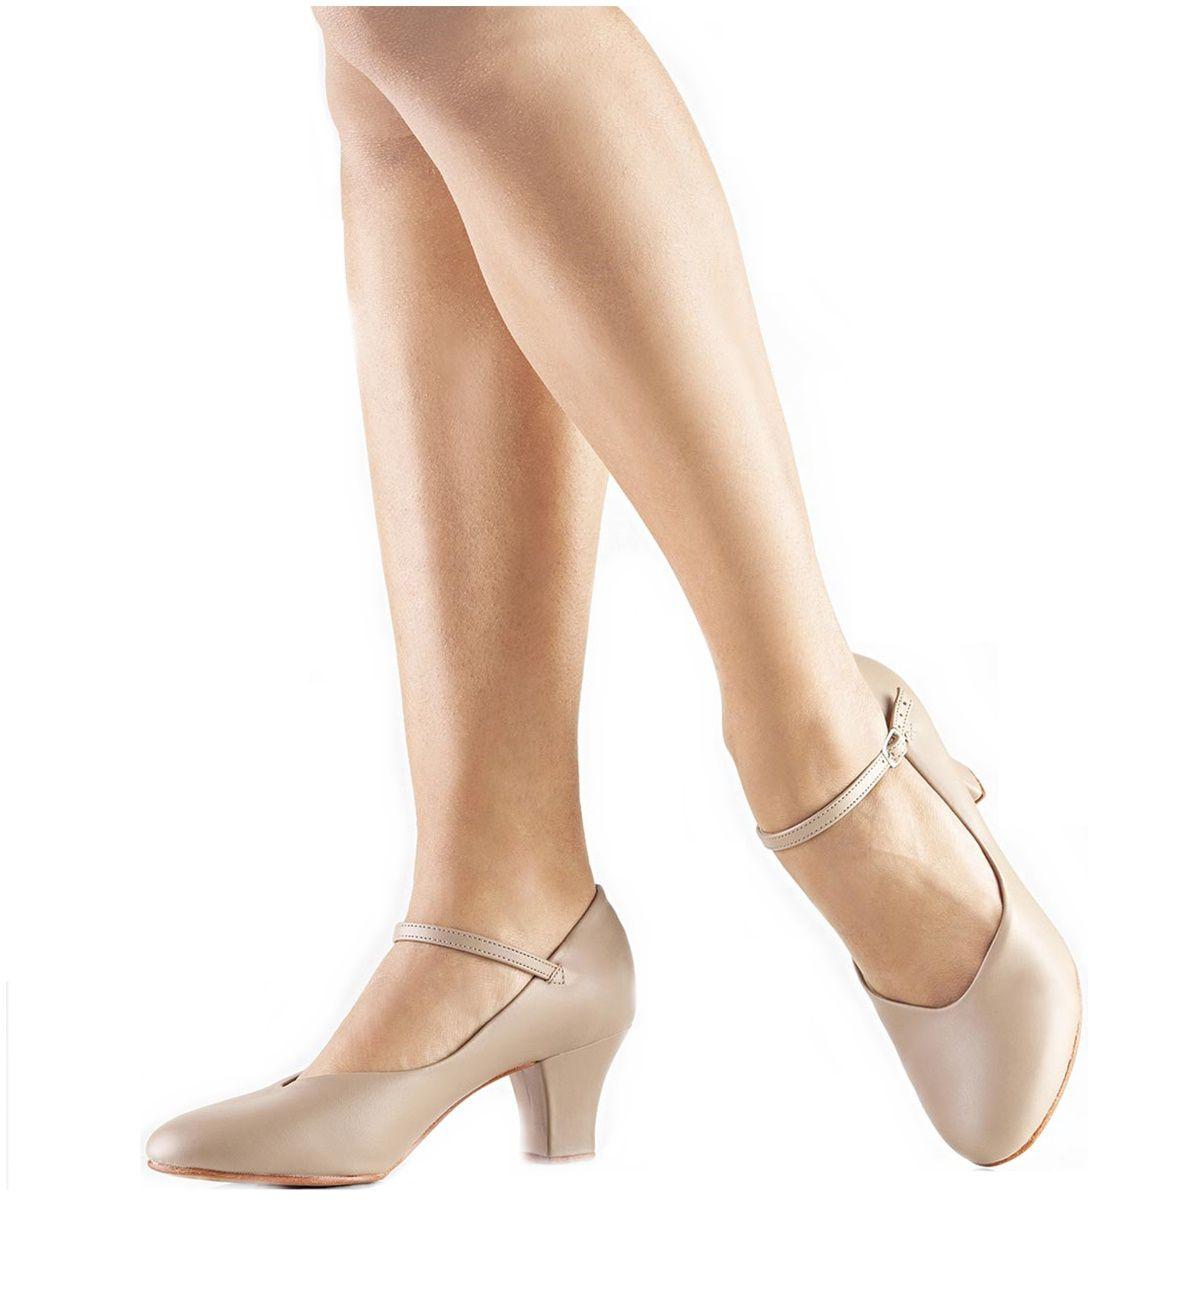 2d9ca9c1e4 Sapato Dança de Salão Só Dança Napa Salto 5cm Bege - SPORT CENTER JARAGUÁ